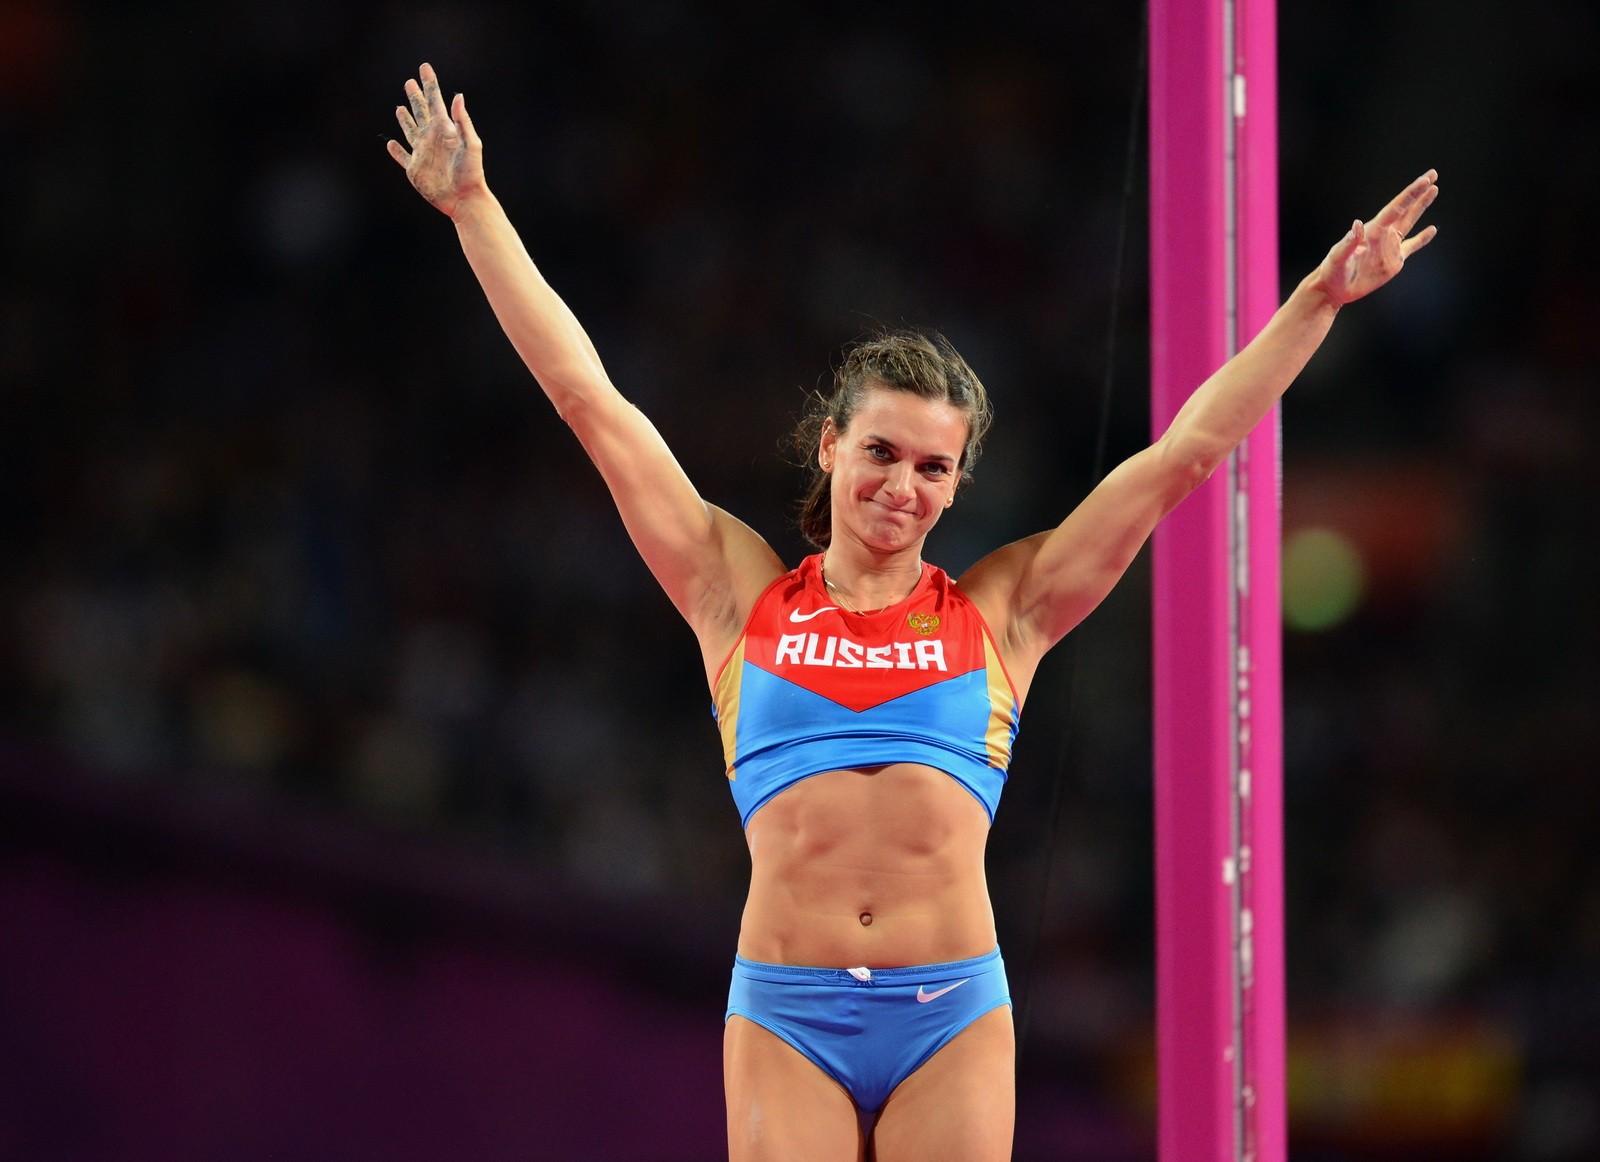 Исинбаева пообещала защищать русских спортсменов, работая вМеждународном олимпийском совете